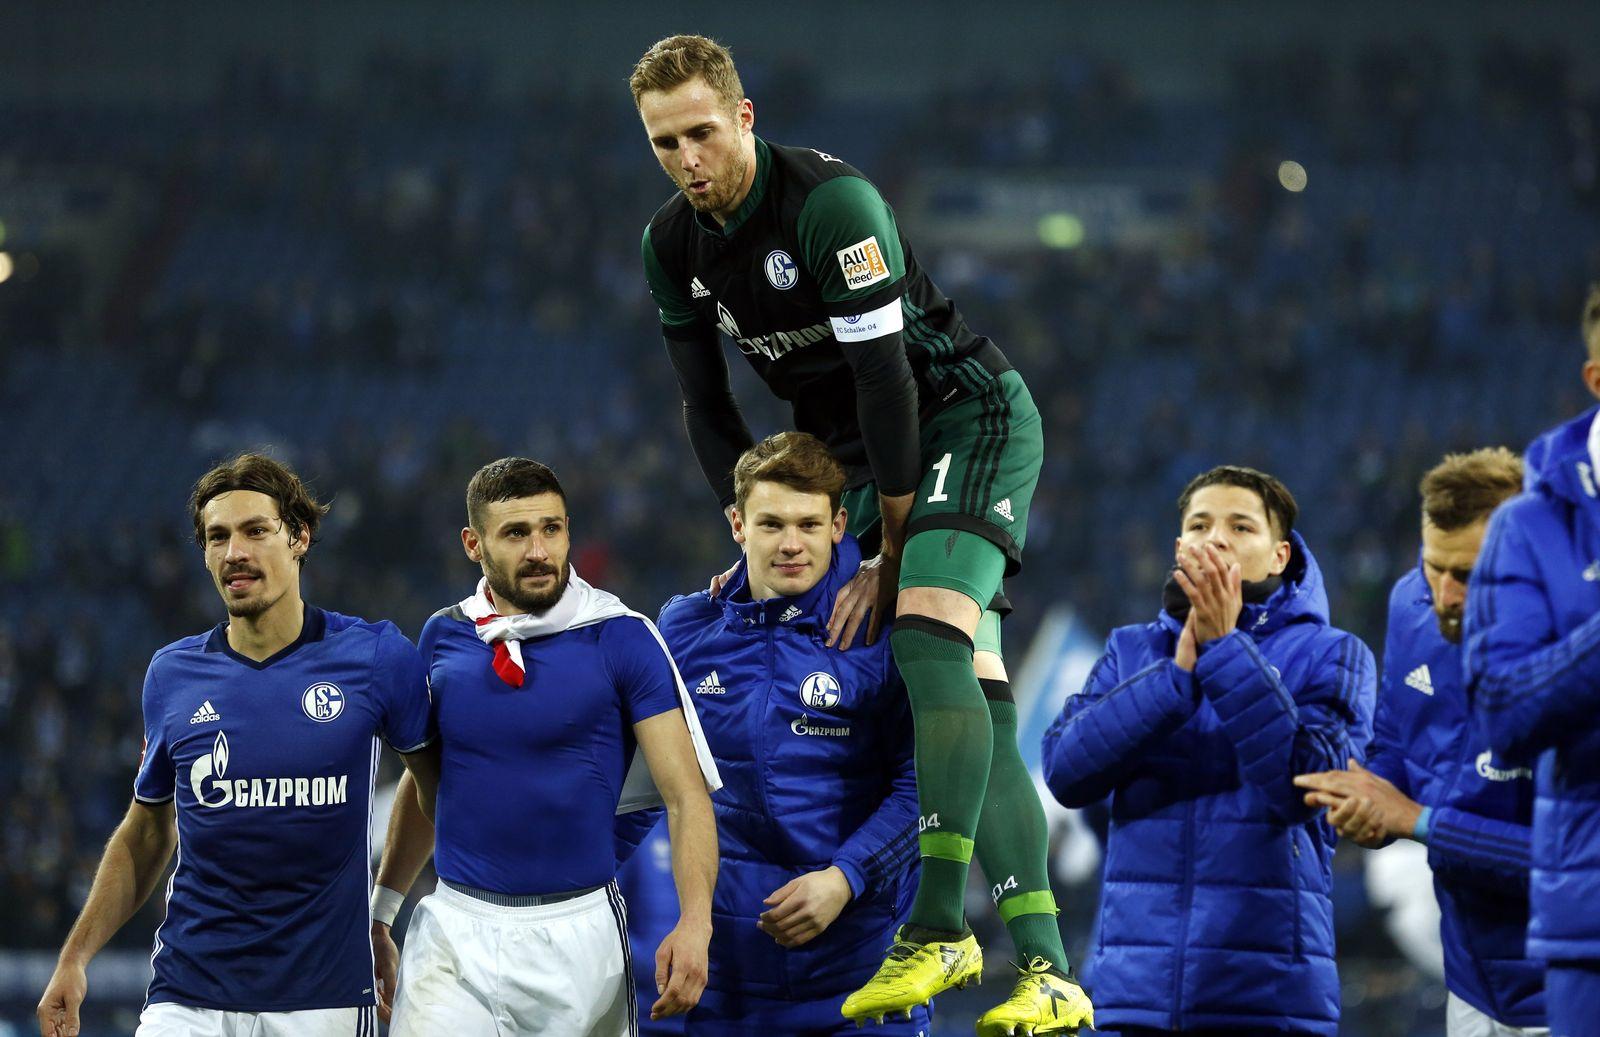 HLT FC Schalke 04 - Hamburger SV